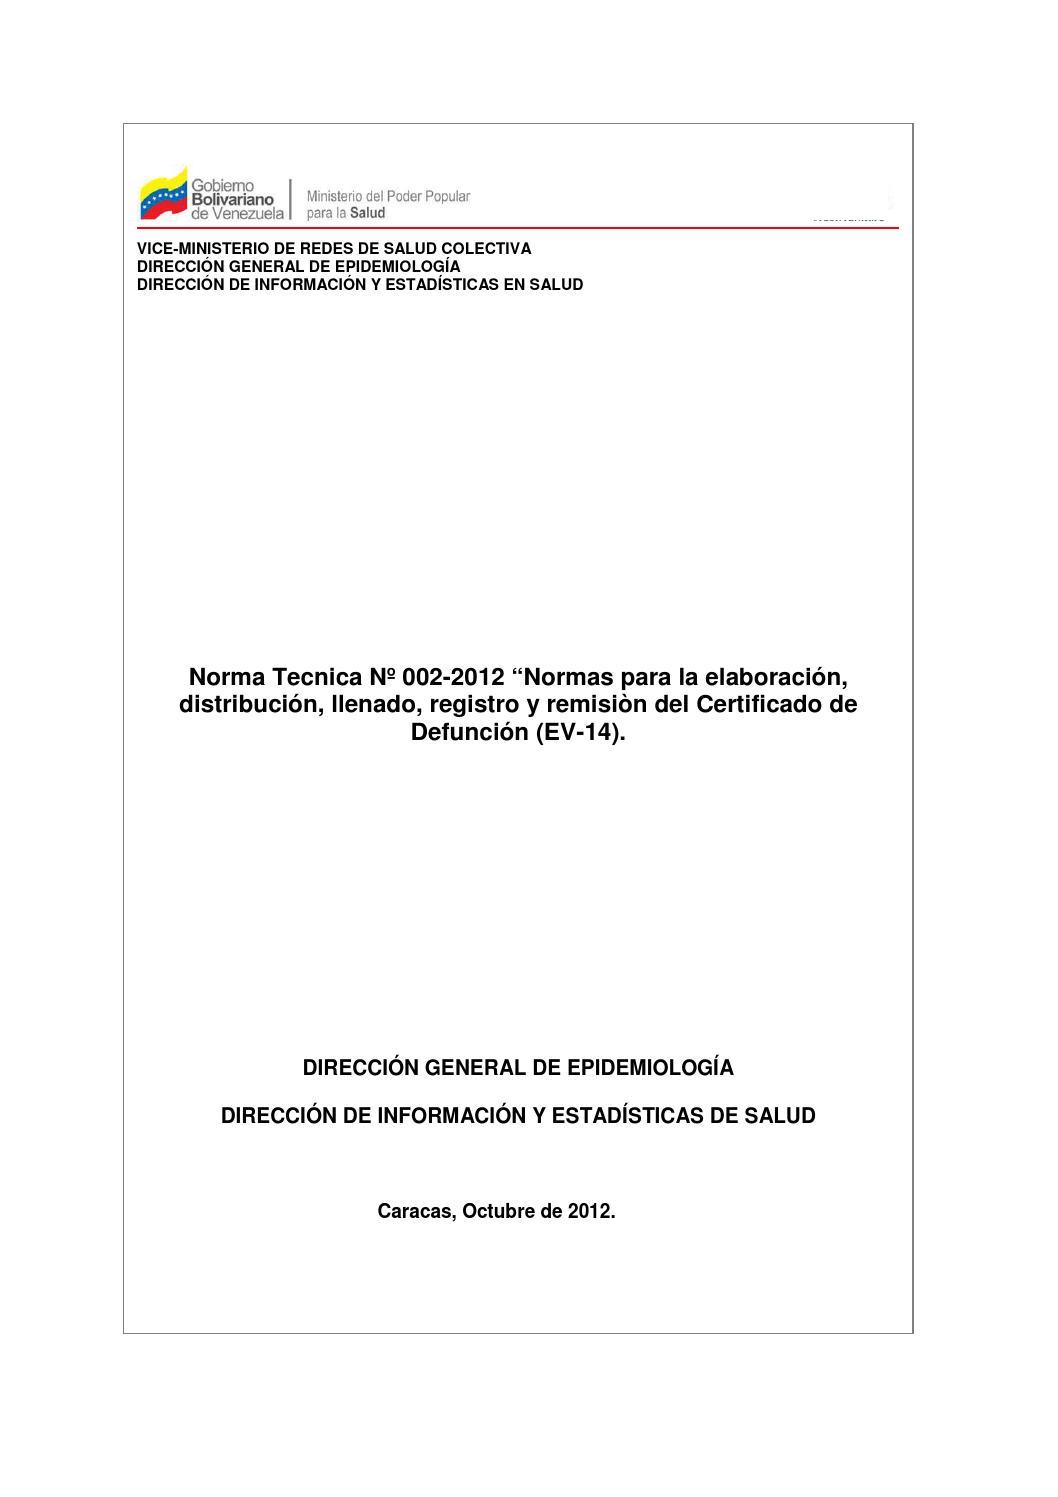 Normasyprocedimientosdedefuncion by Liseth Querales - issuu